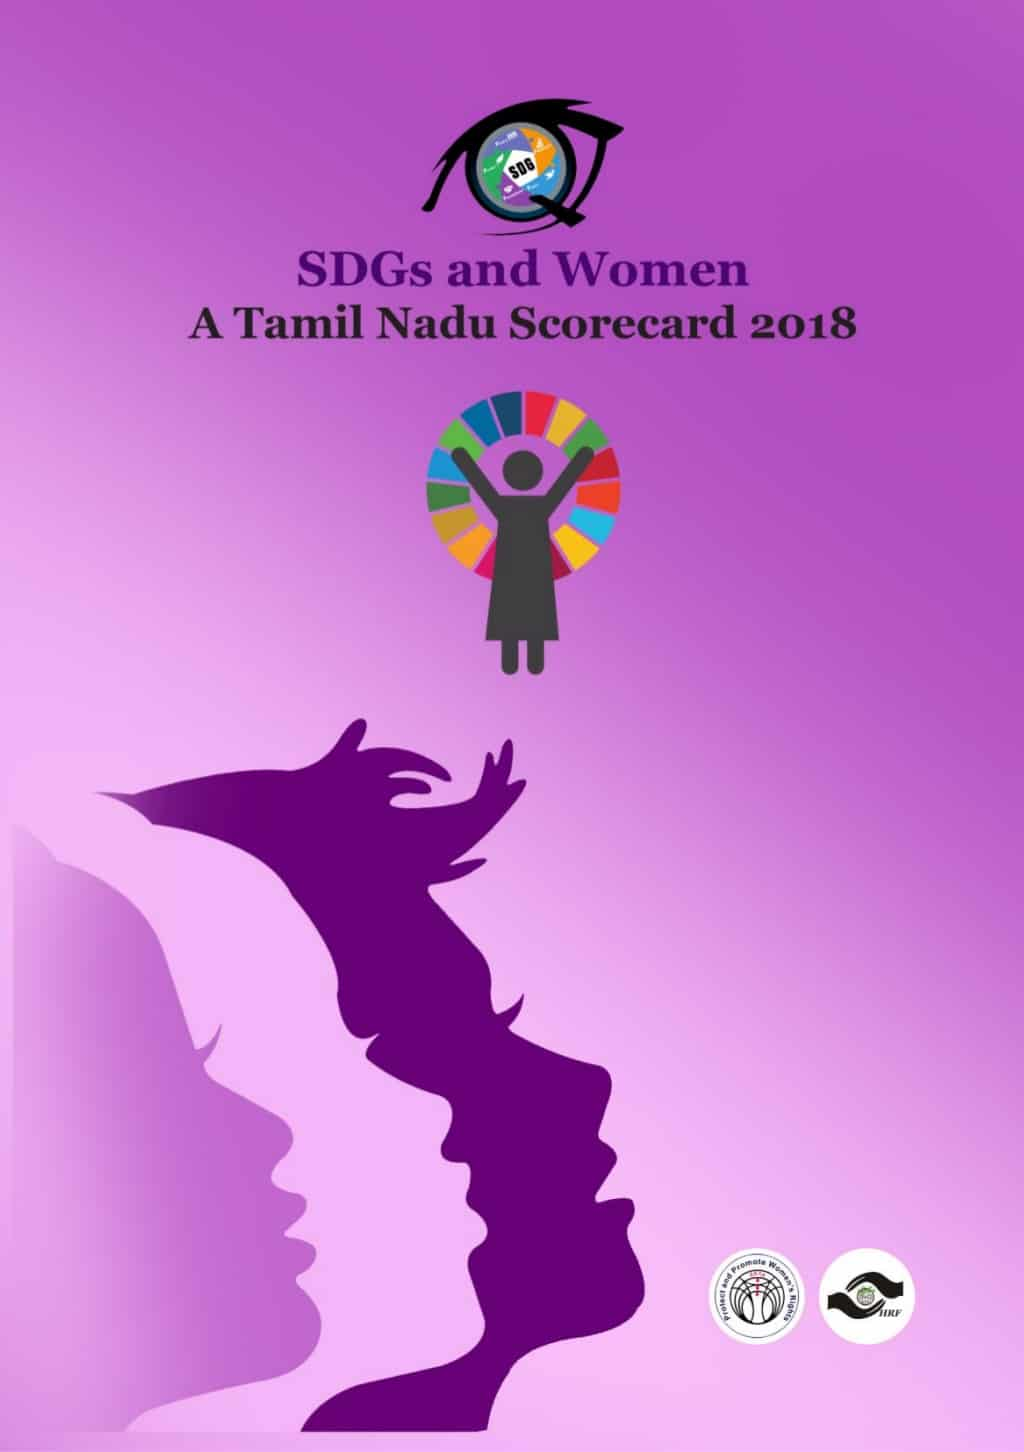 SDGs and women in Tamil Nadu a Score Card (2018)